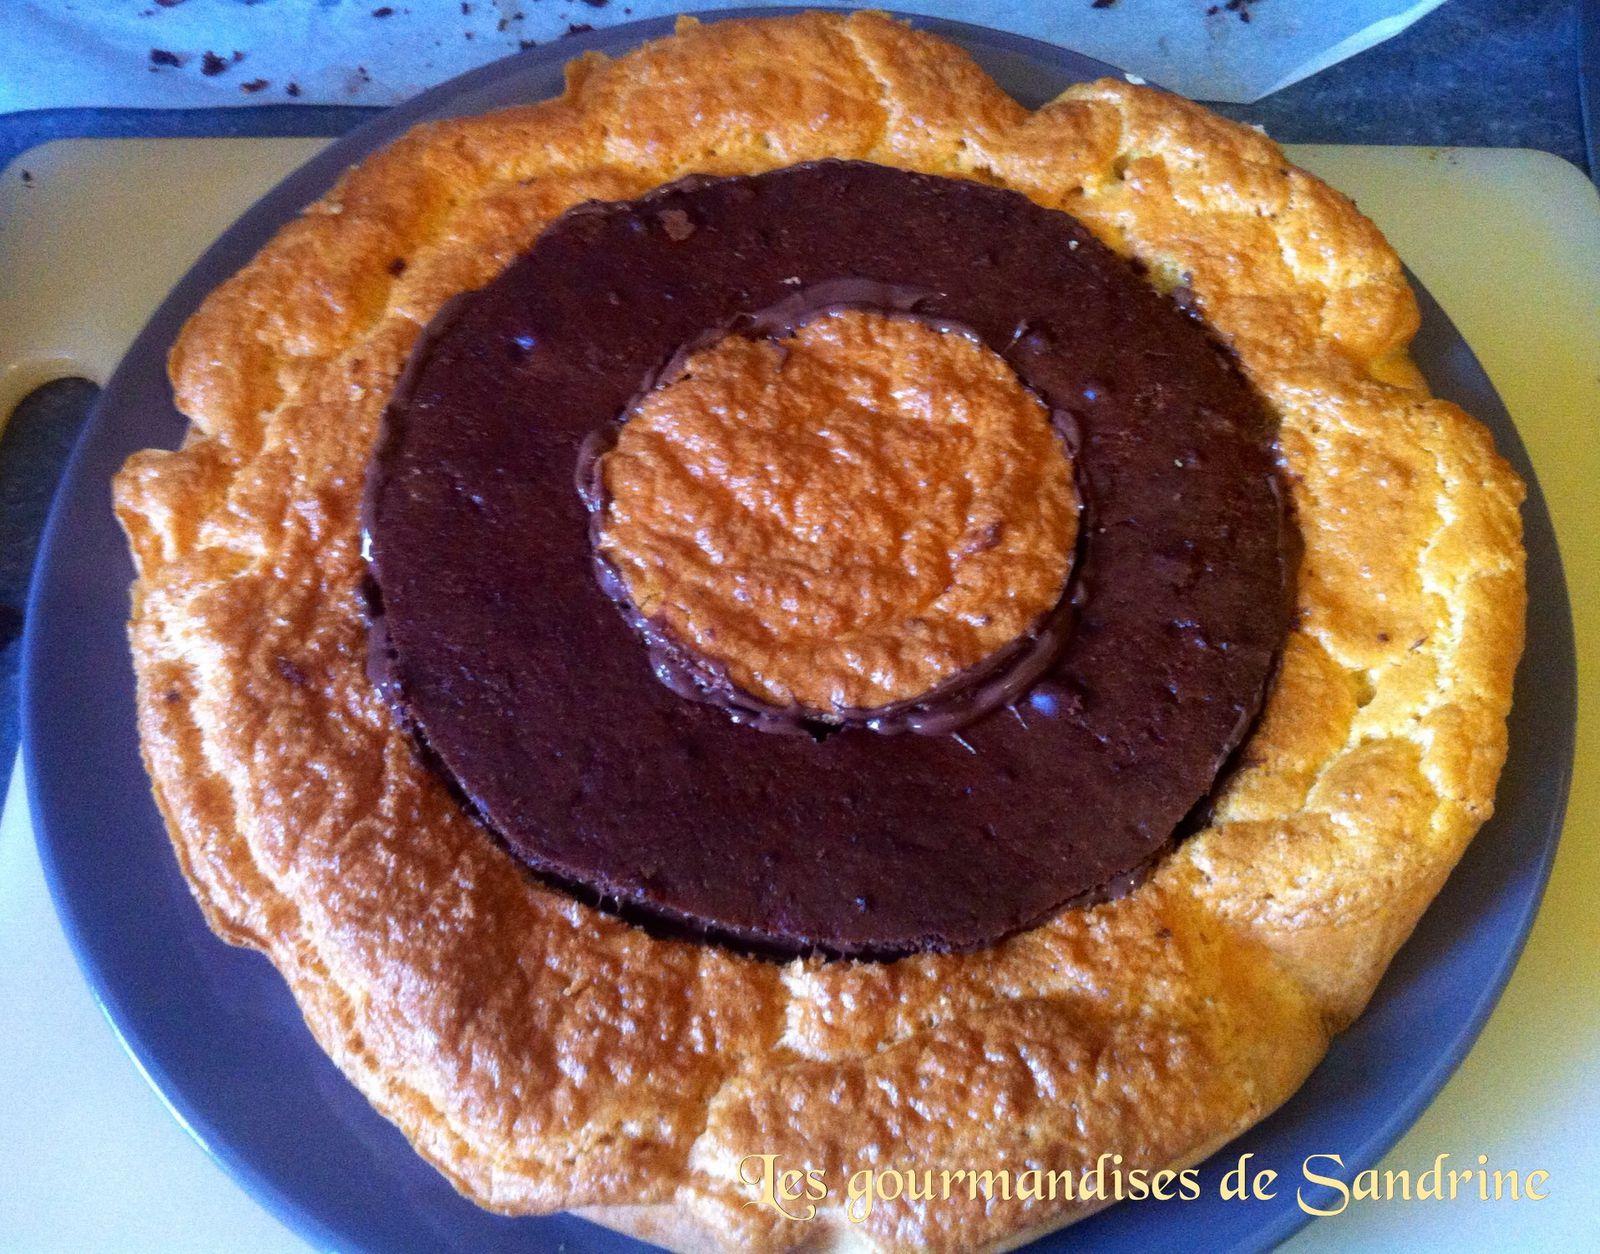 Gâteau damier chocolat vanille - recette pas à pas - un tour choco-nut